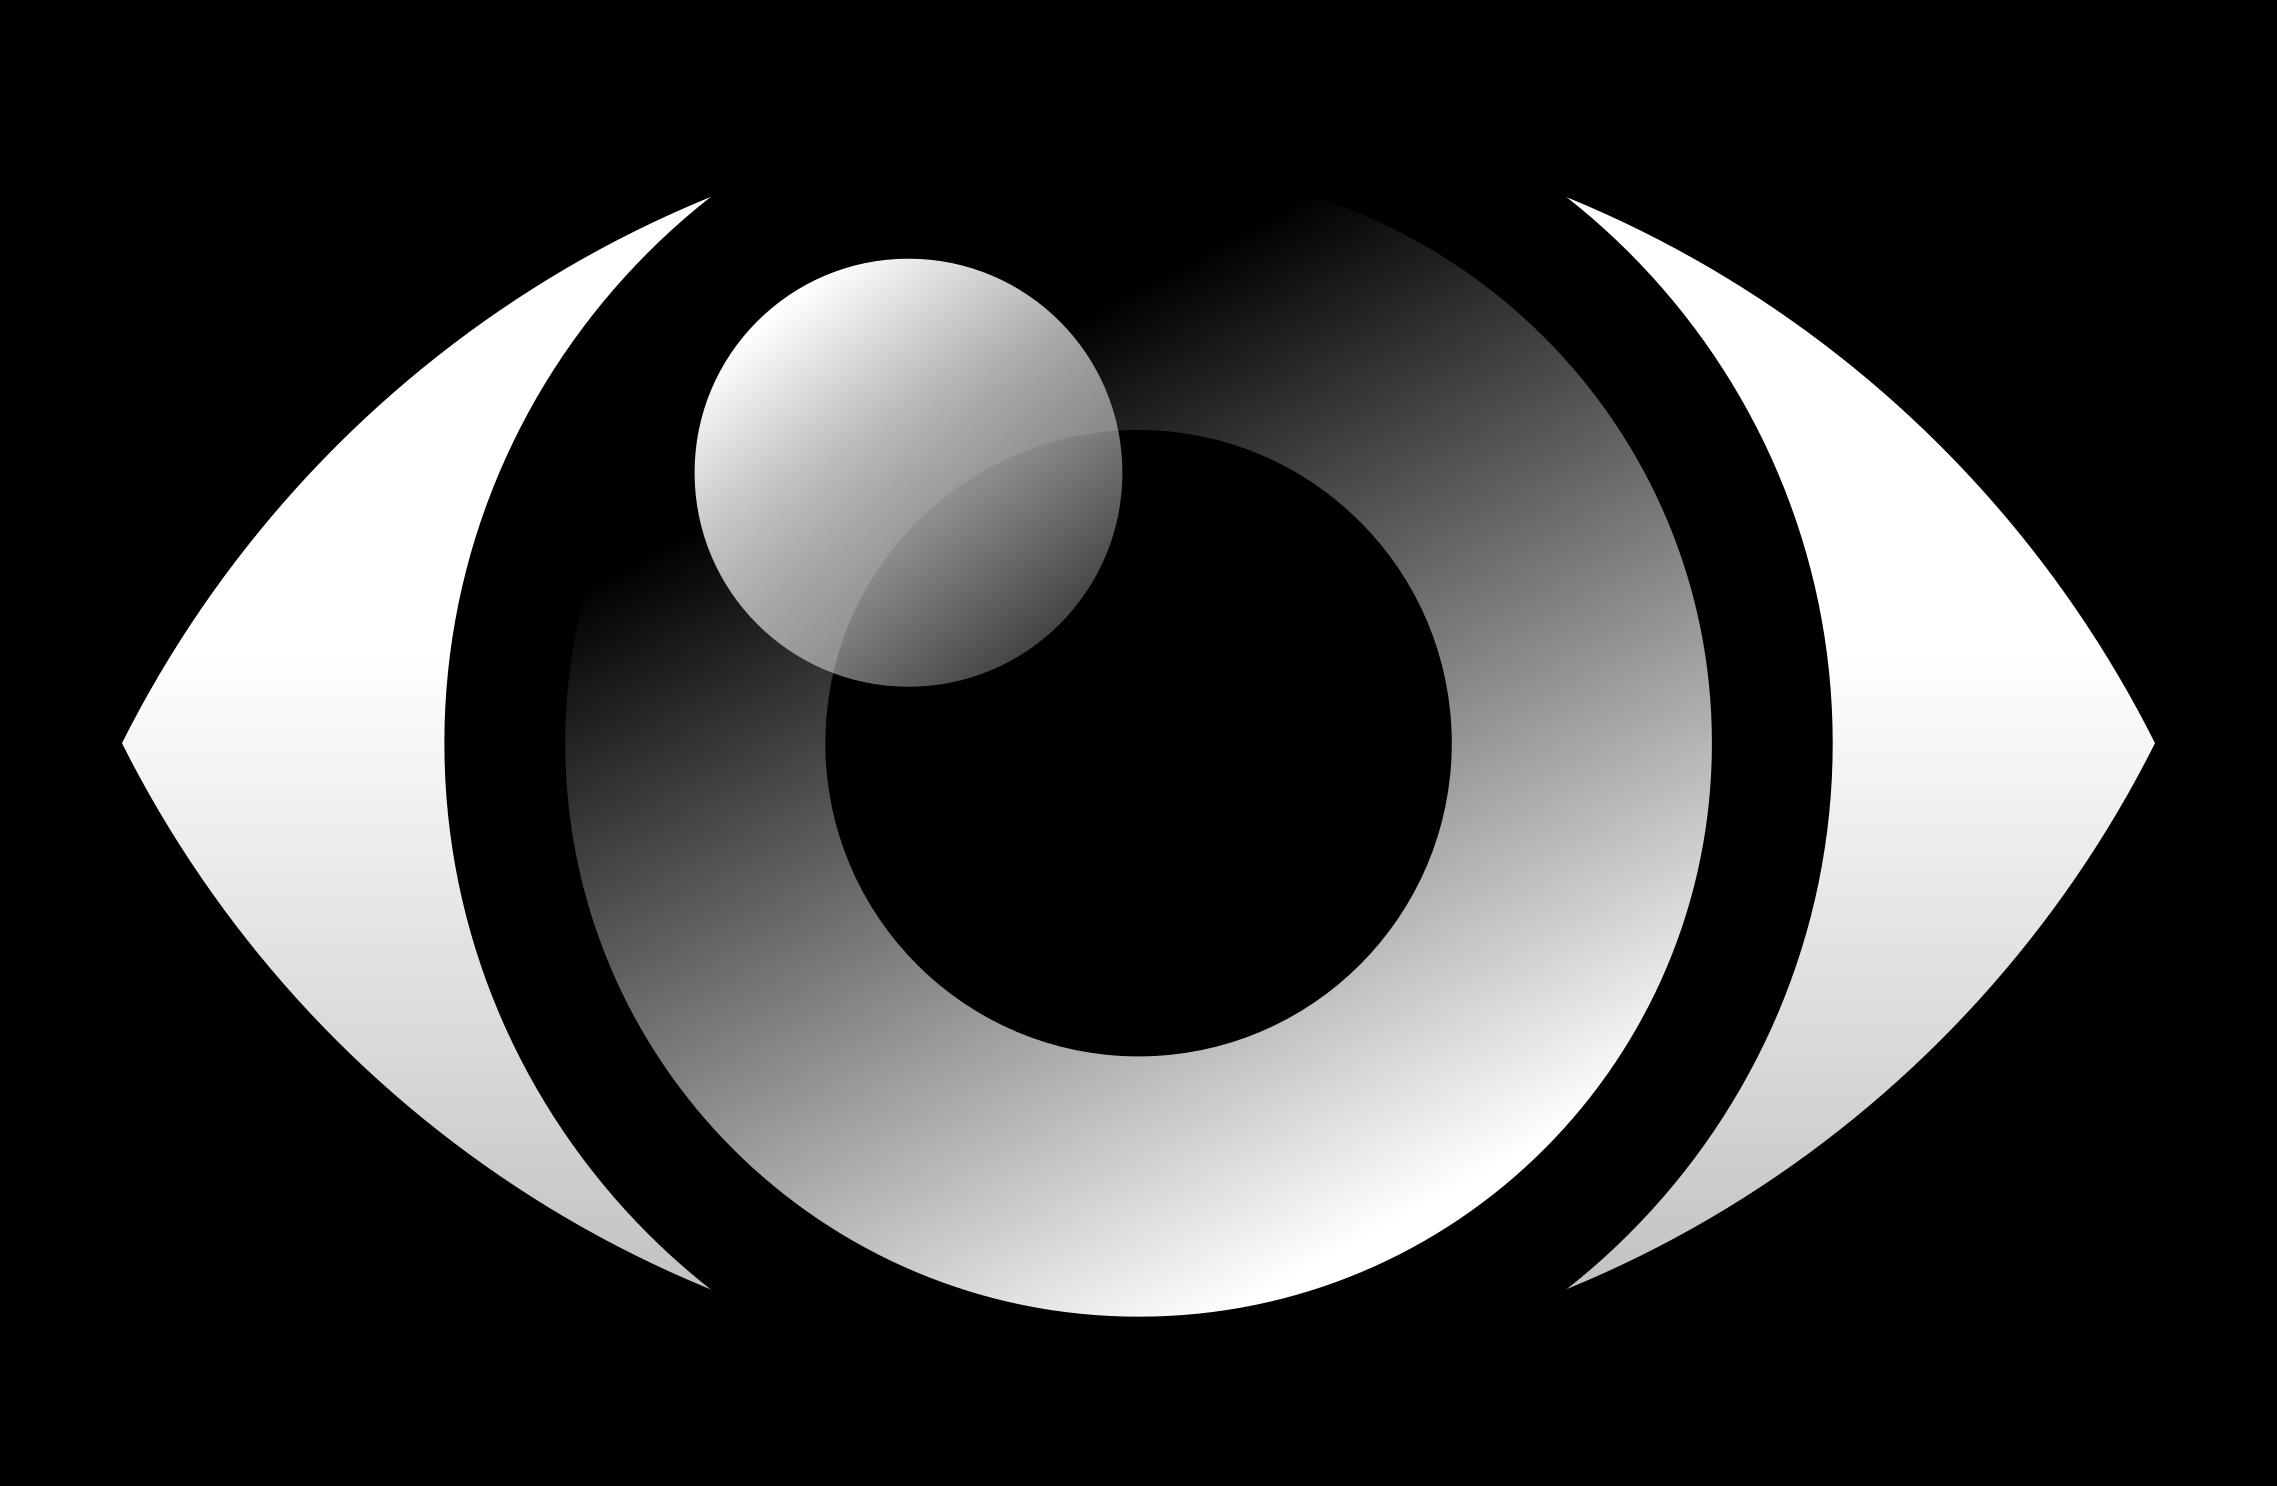 Eye Symbol Png.